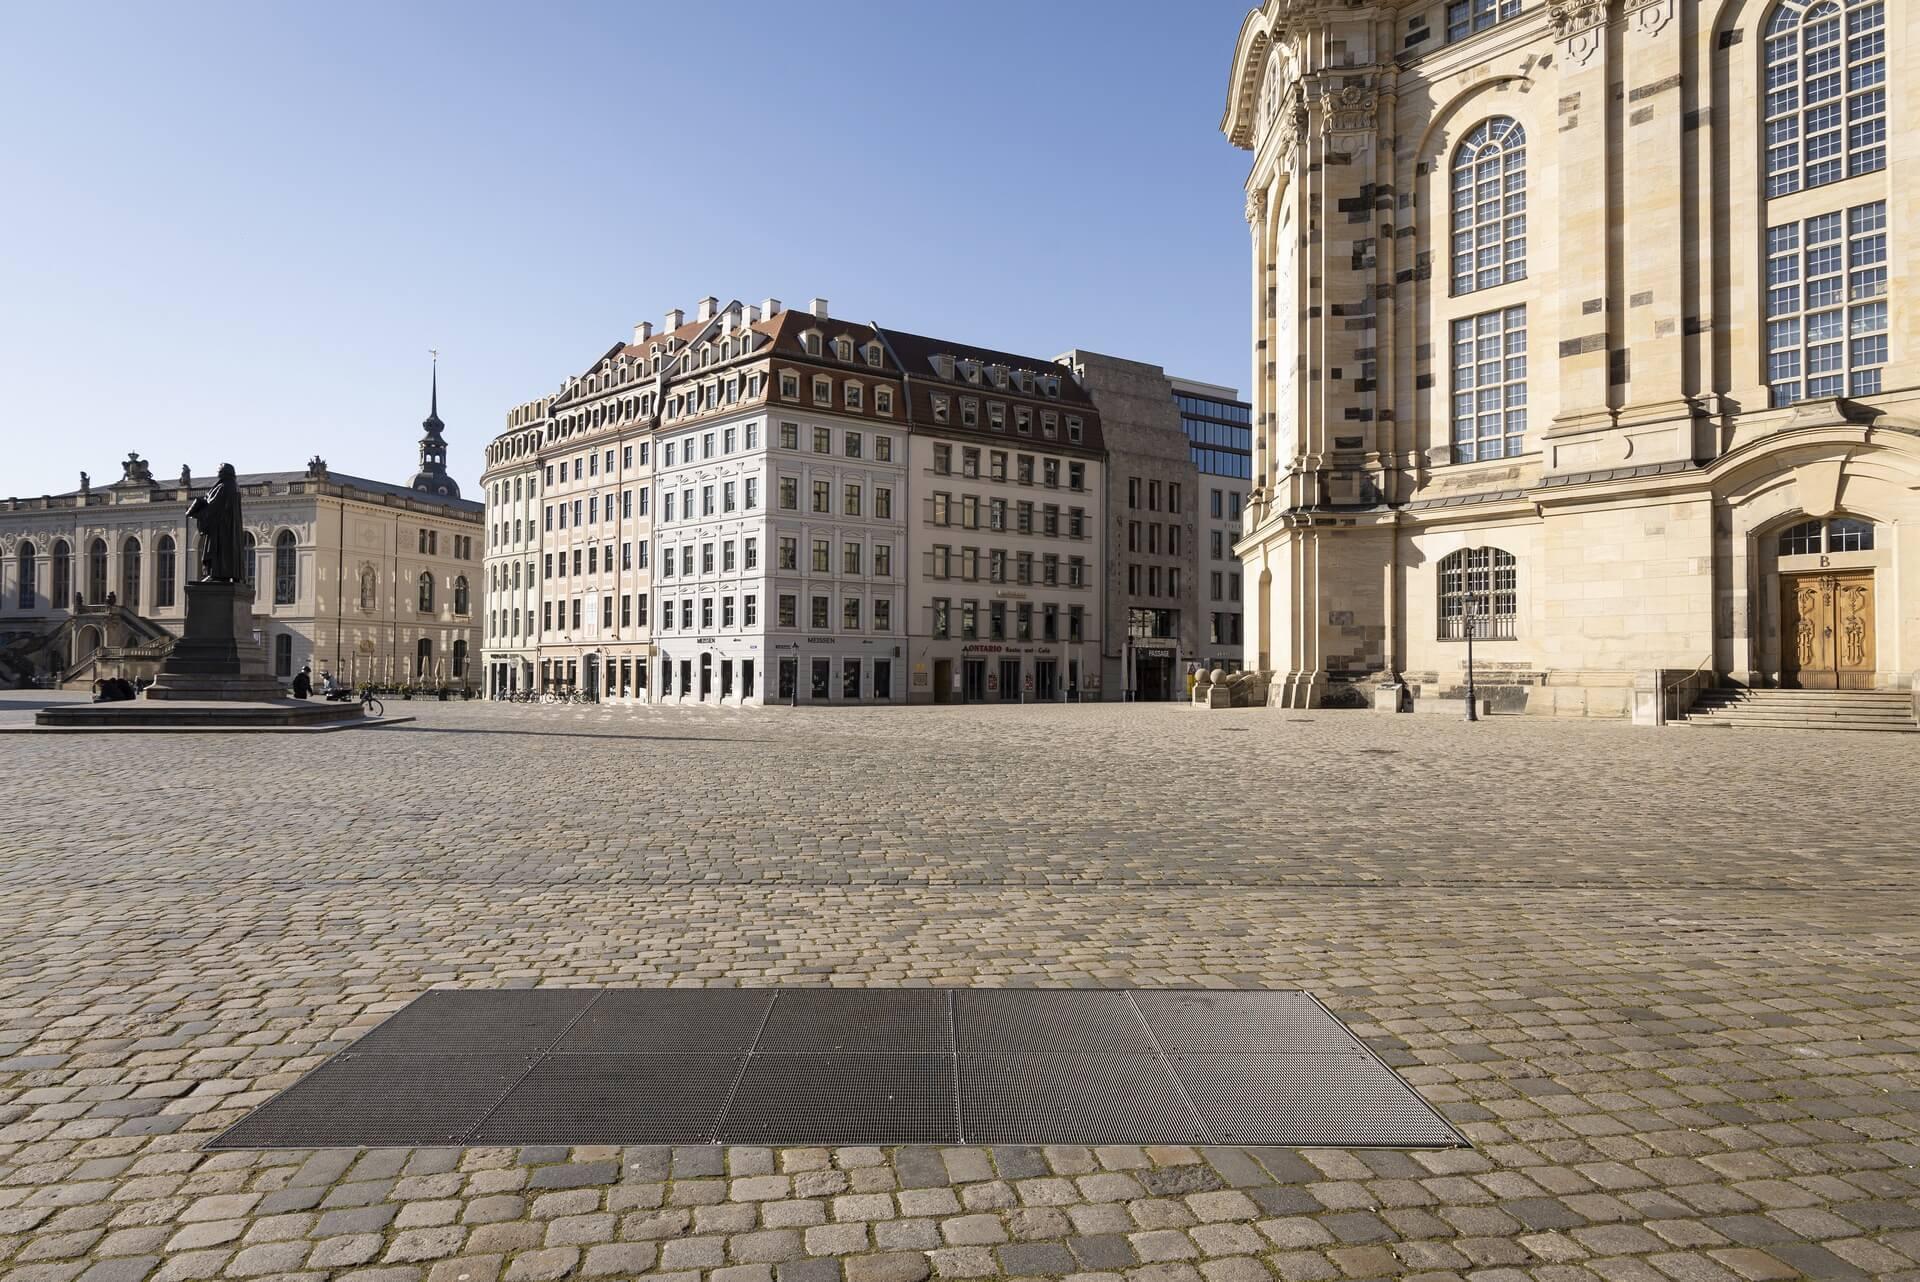 Dresden: Neumarkt, Frühjahr 2020, Eindrücke von der Ausgangsbeschränkung während der COVID-19 Pandemie